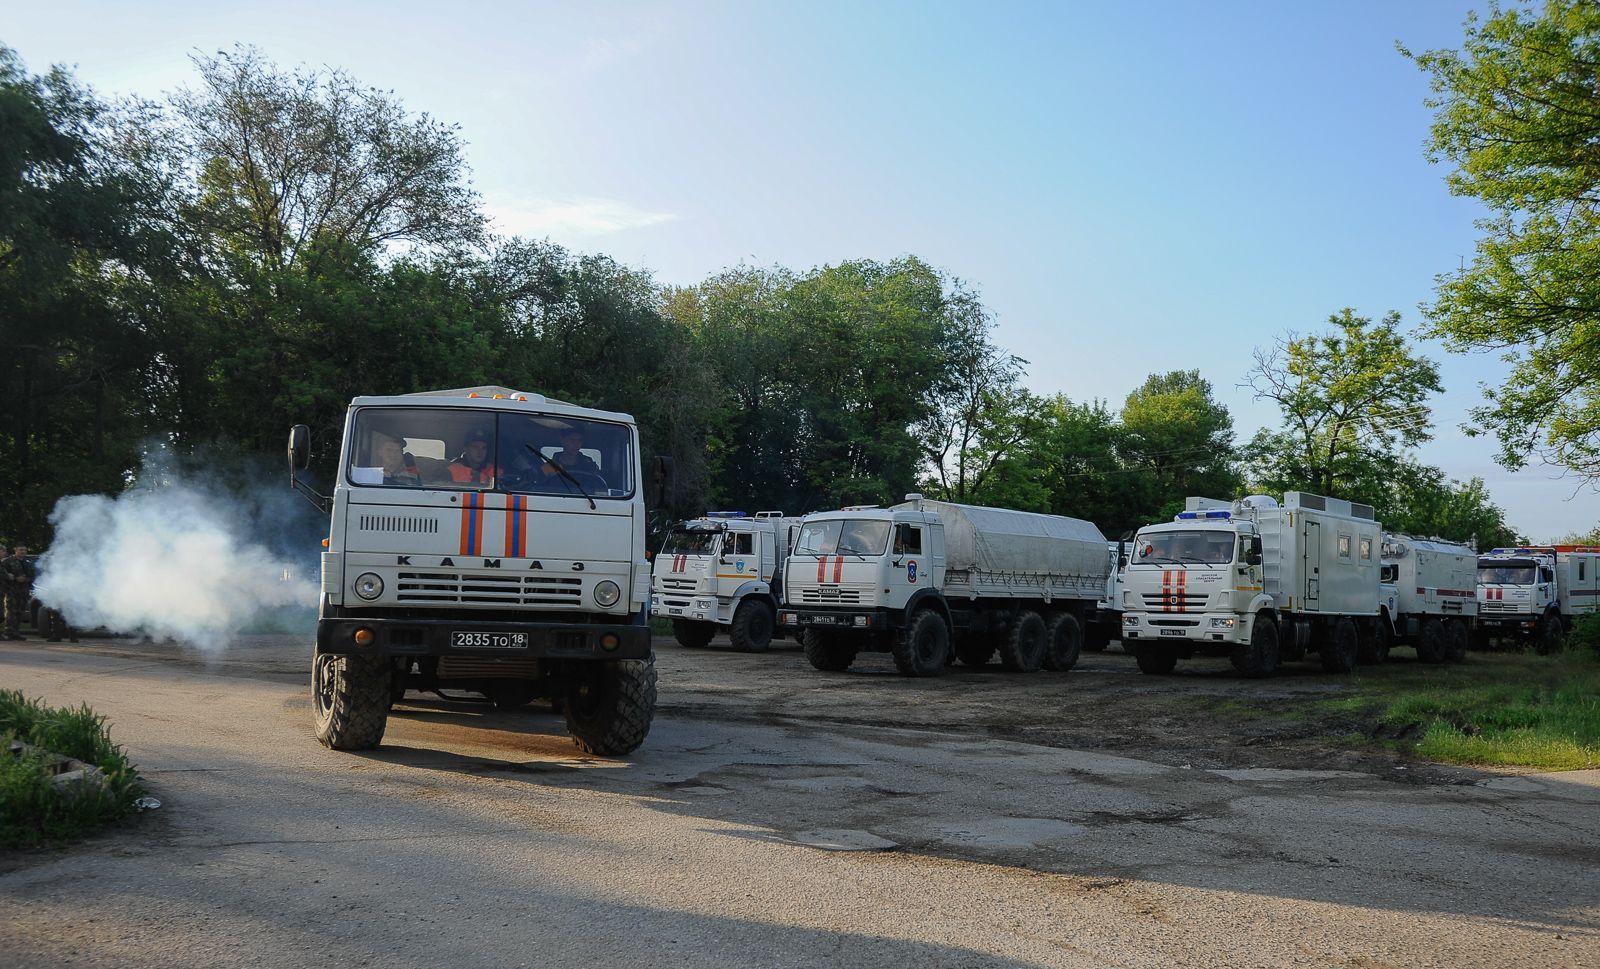 Продажа снегоуборочной техники село Покойное продажа снегоуборочной техники г. Бугульма